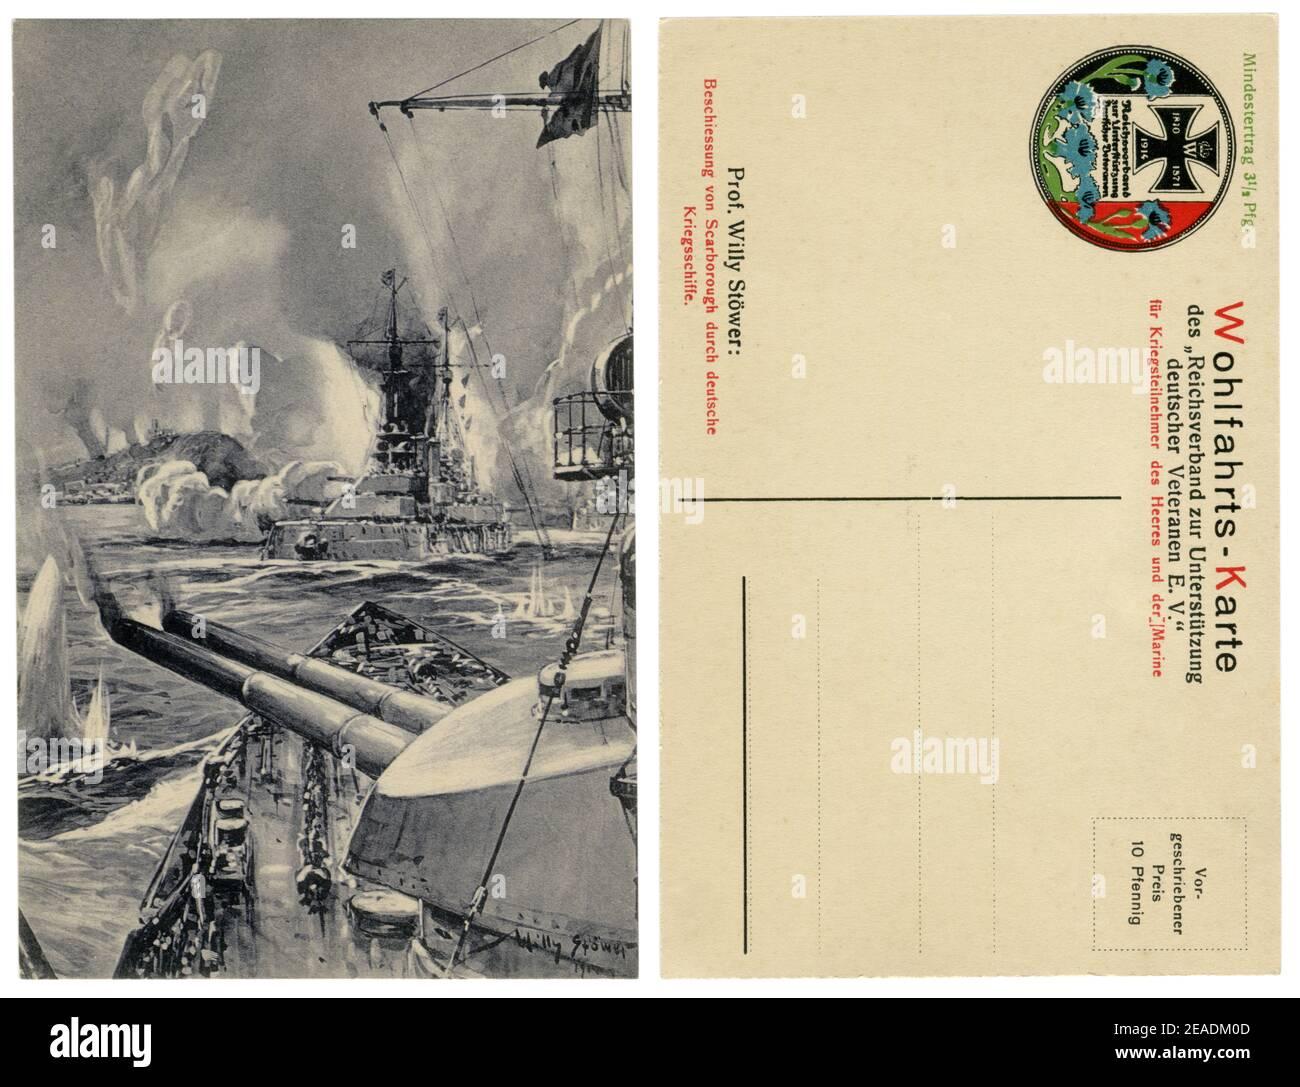 Carte postale historique allemande : bombardement de Scarborough par des navires de guerre allemands. Des fusils de calibre principal sont en train de tirer à la ville anglaise, le 16 décembre 1914 Banque D'Images